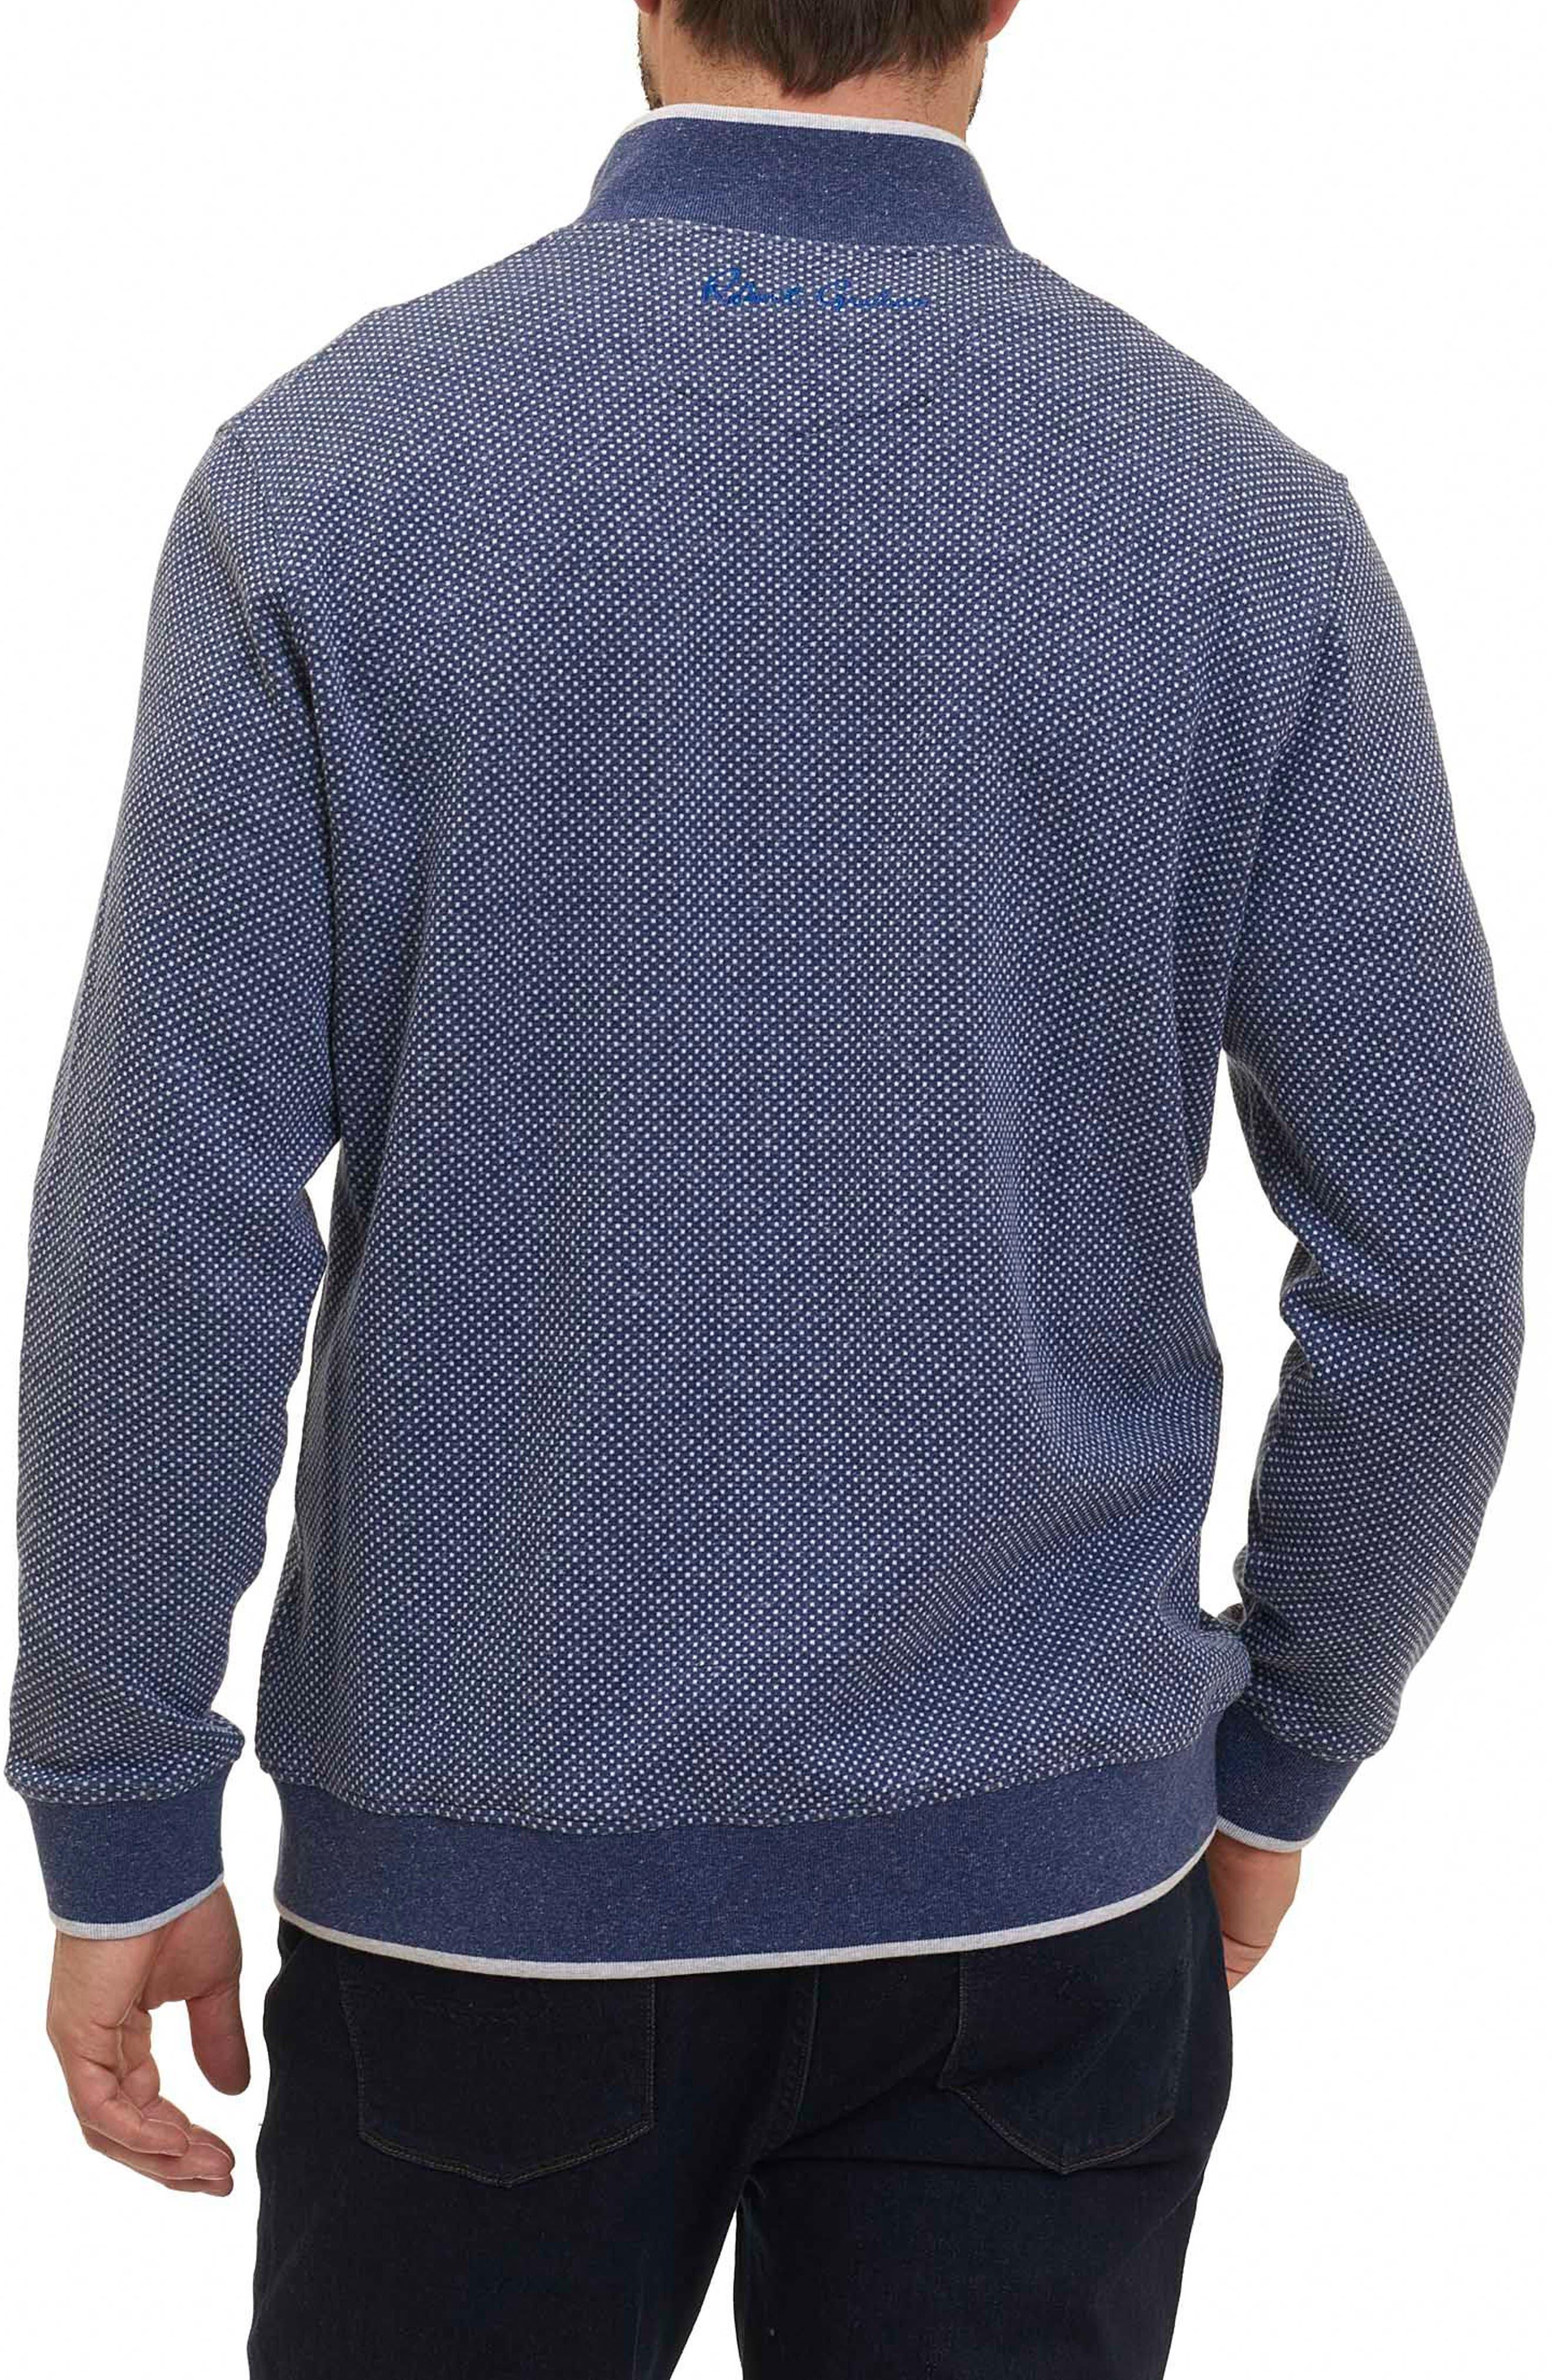 Jyoti Knit Zip Jacket,                             Alternate thumbnail 2, color,                             Navy